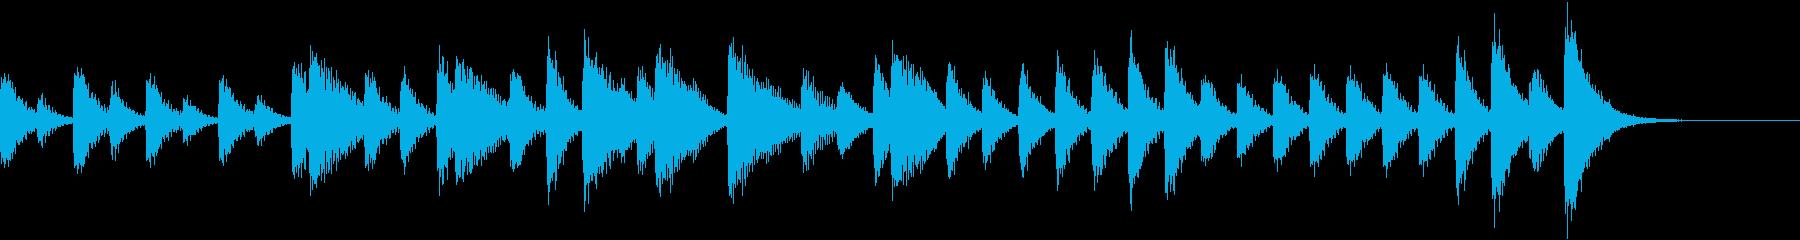 ニワトリの声に聴こえる!?ピアノジングルの再生済みの波形